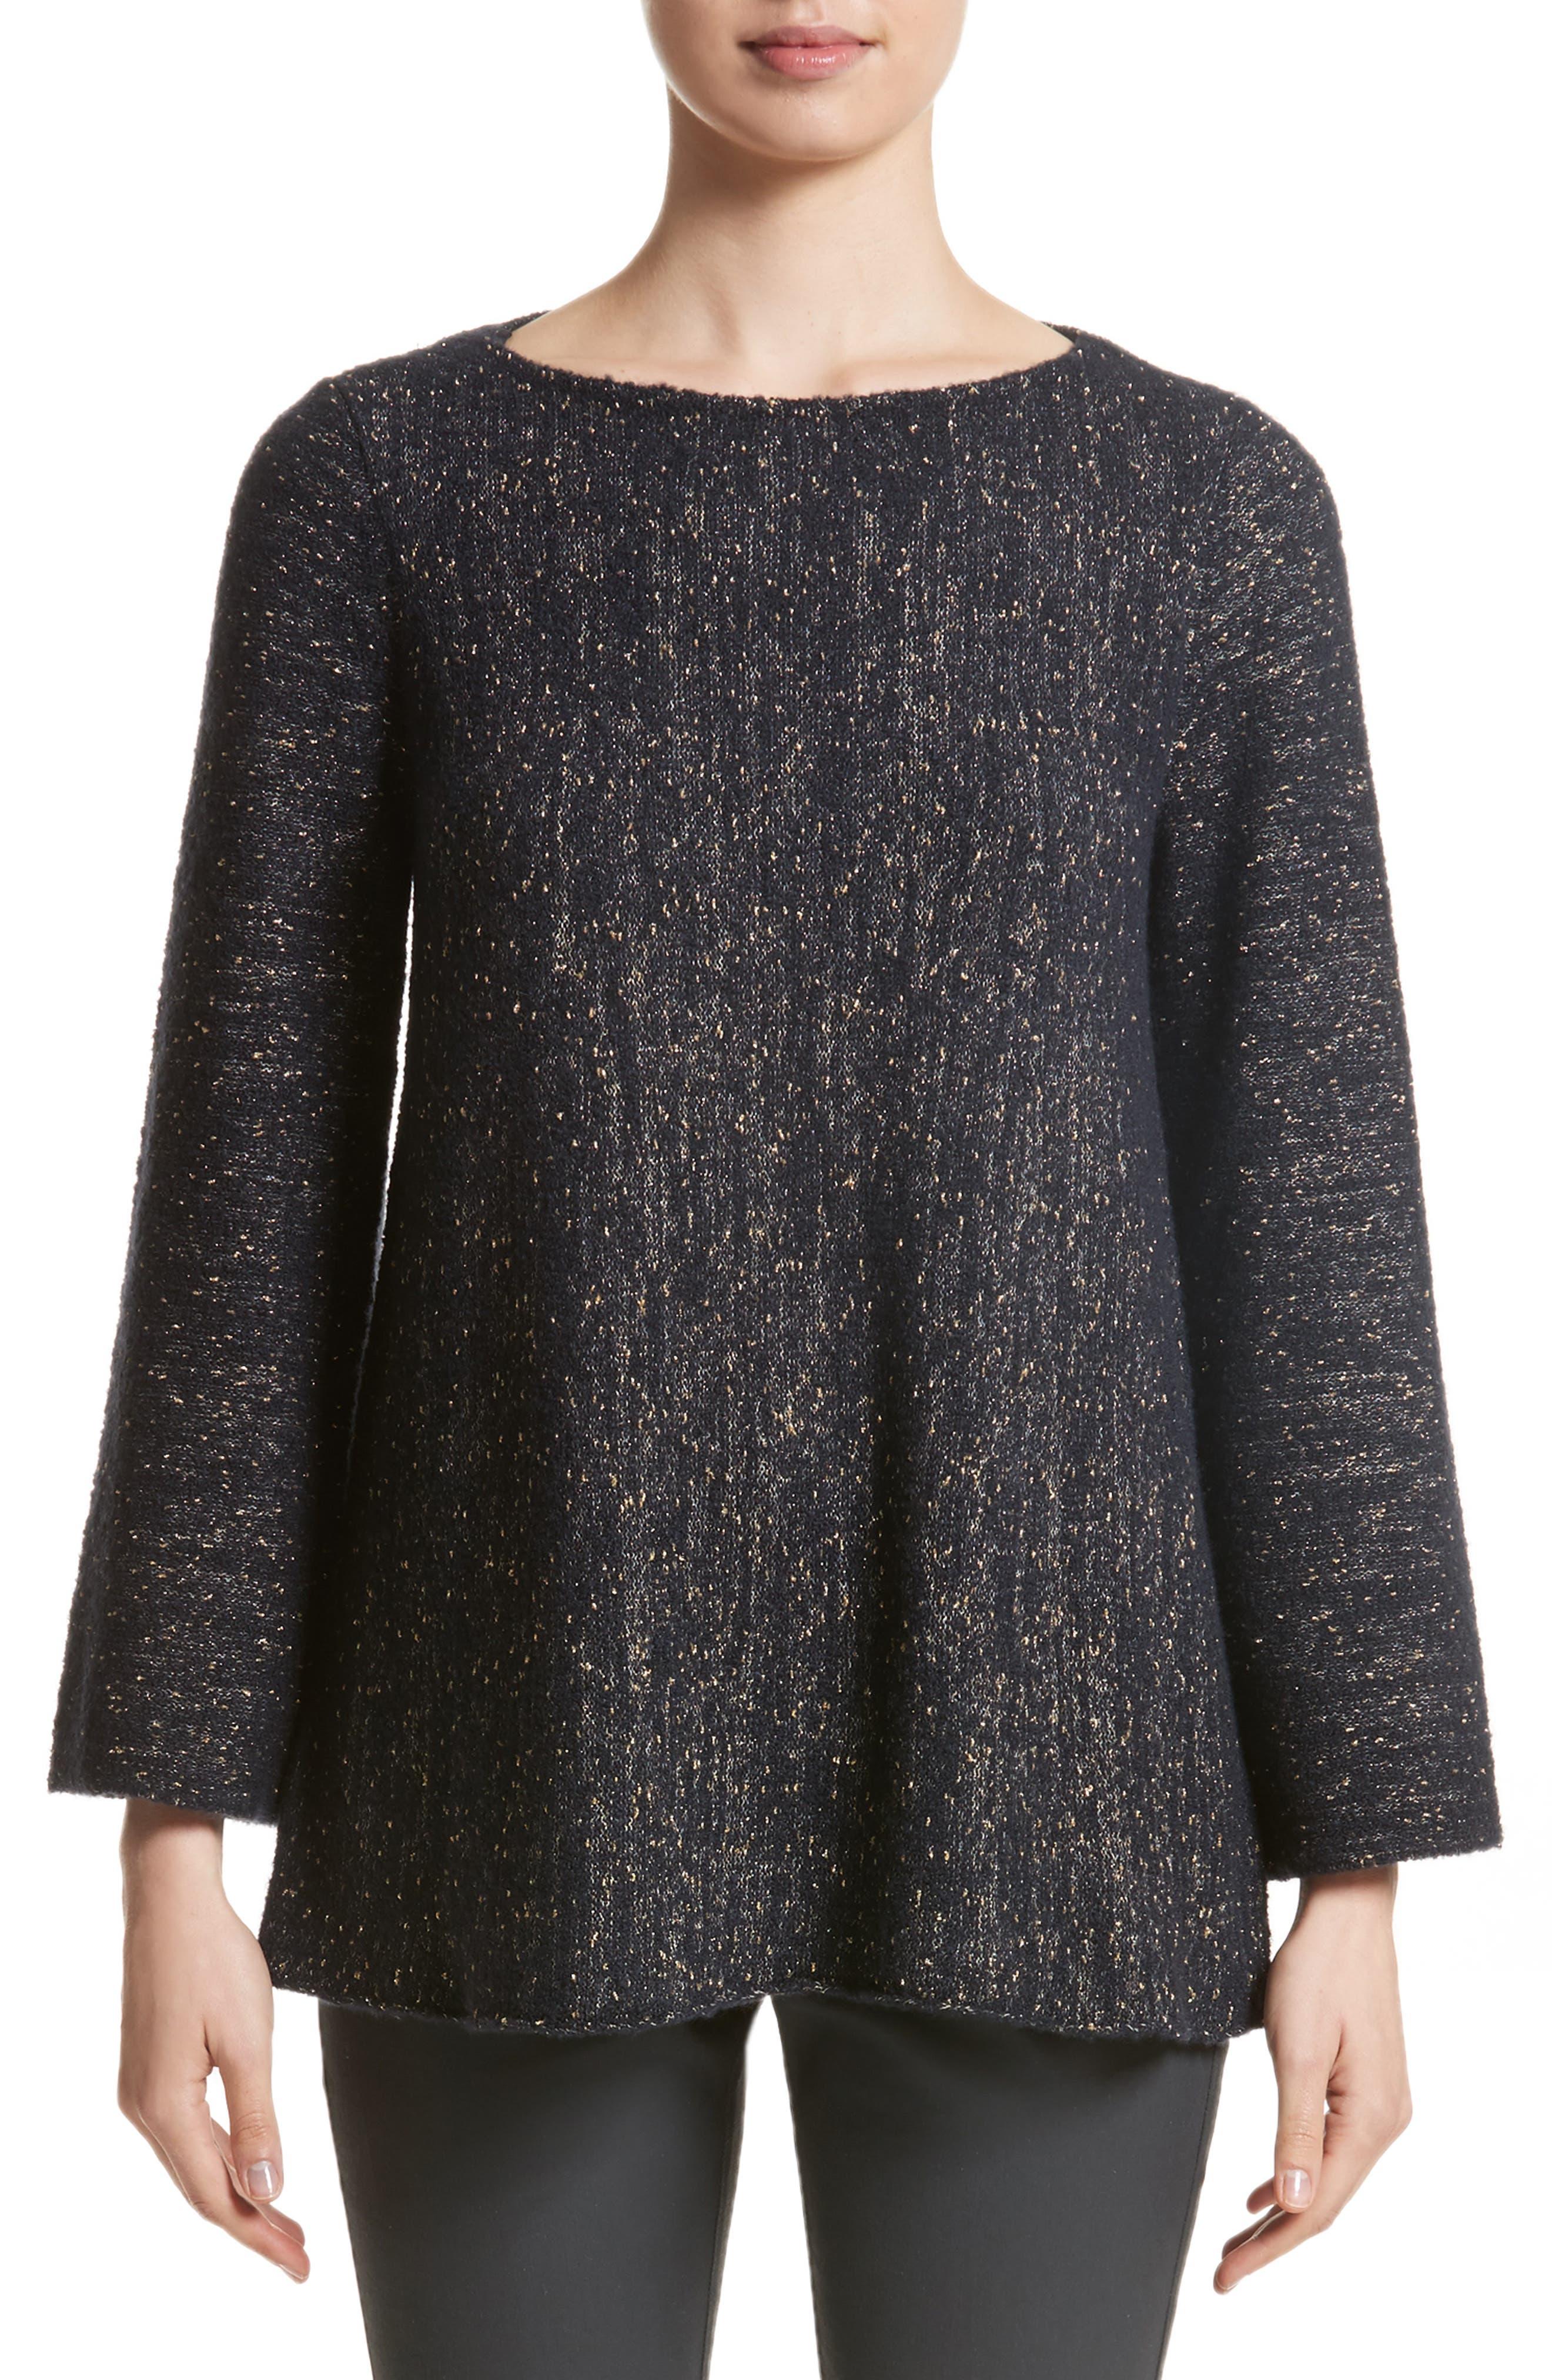 Main Image - Lafayette Metallic Knit A-Line Sweater